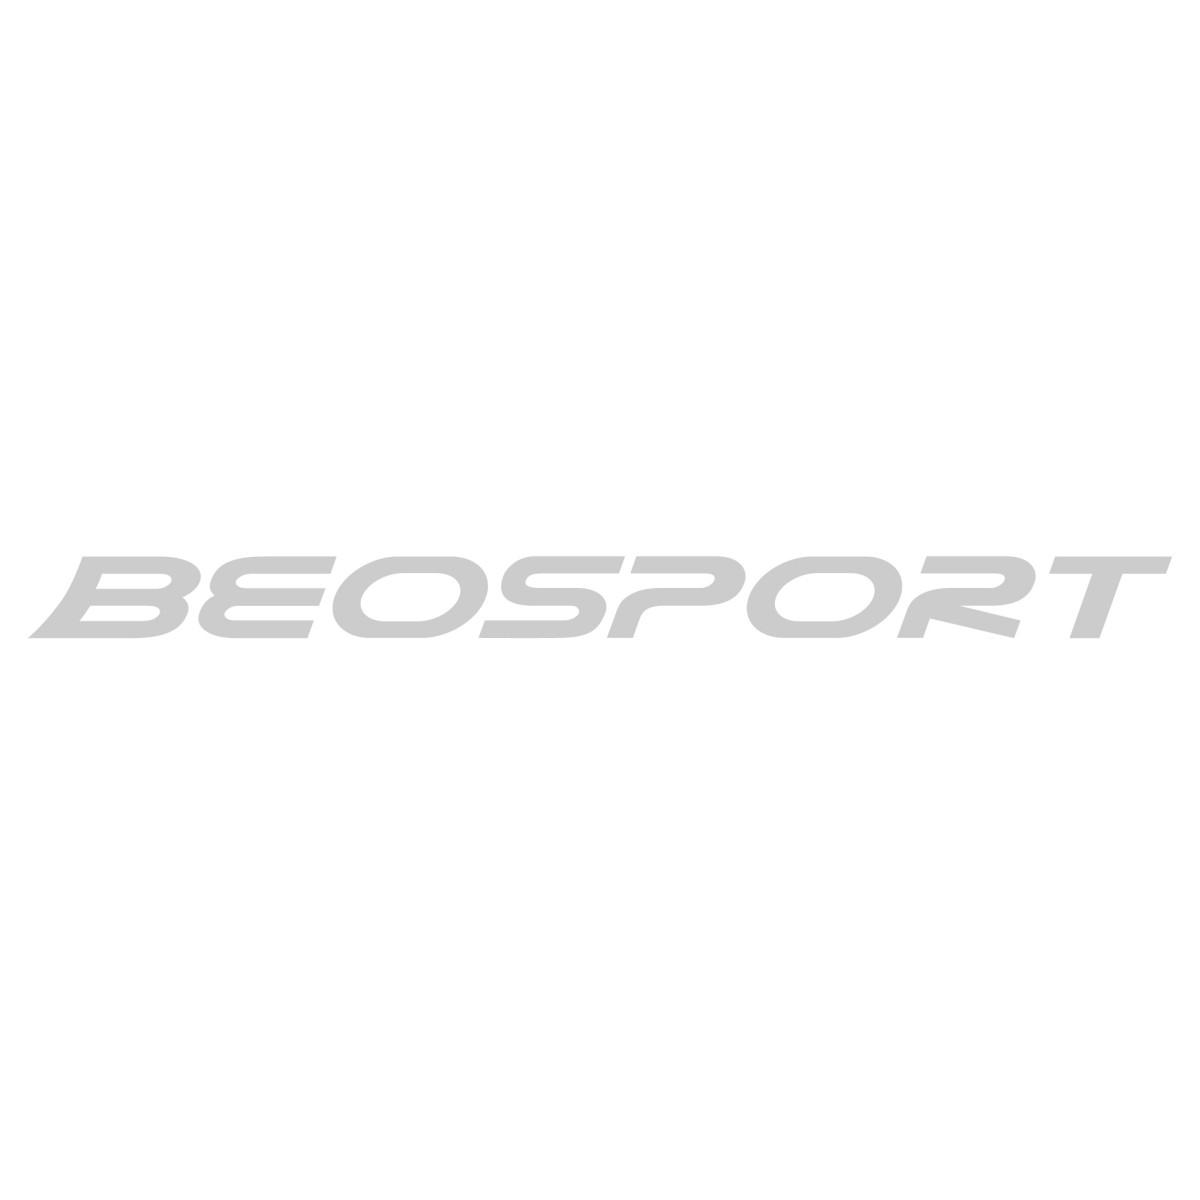 Wilson Graffiti Ocean lopta za odbojku